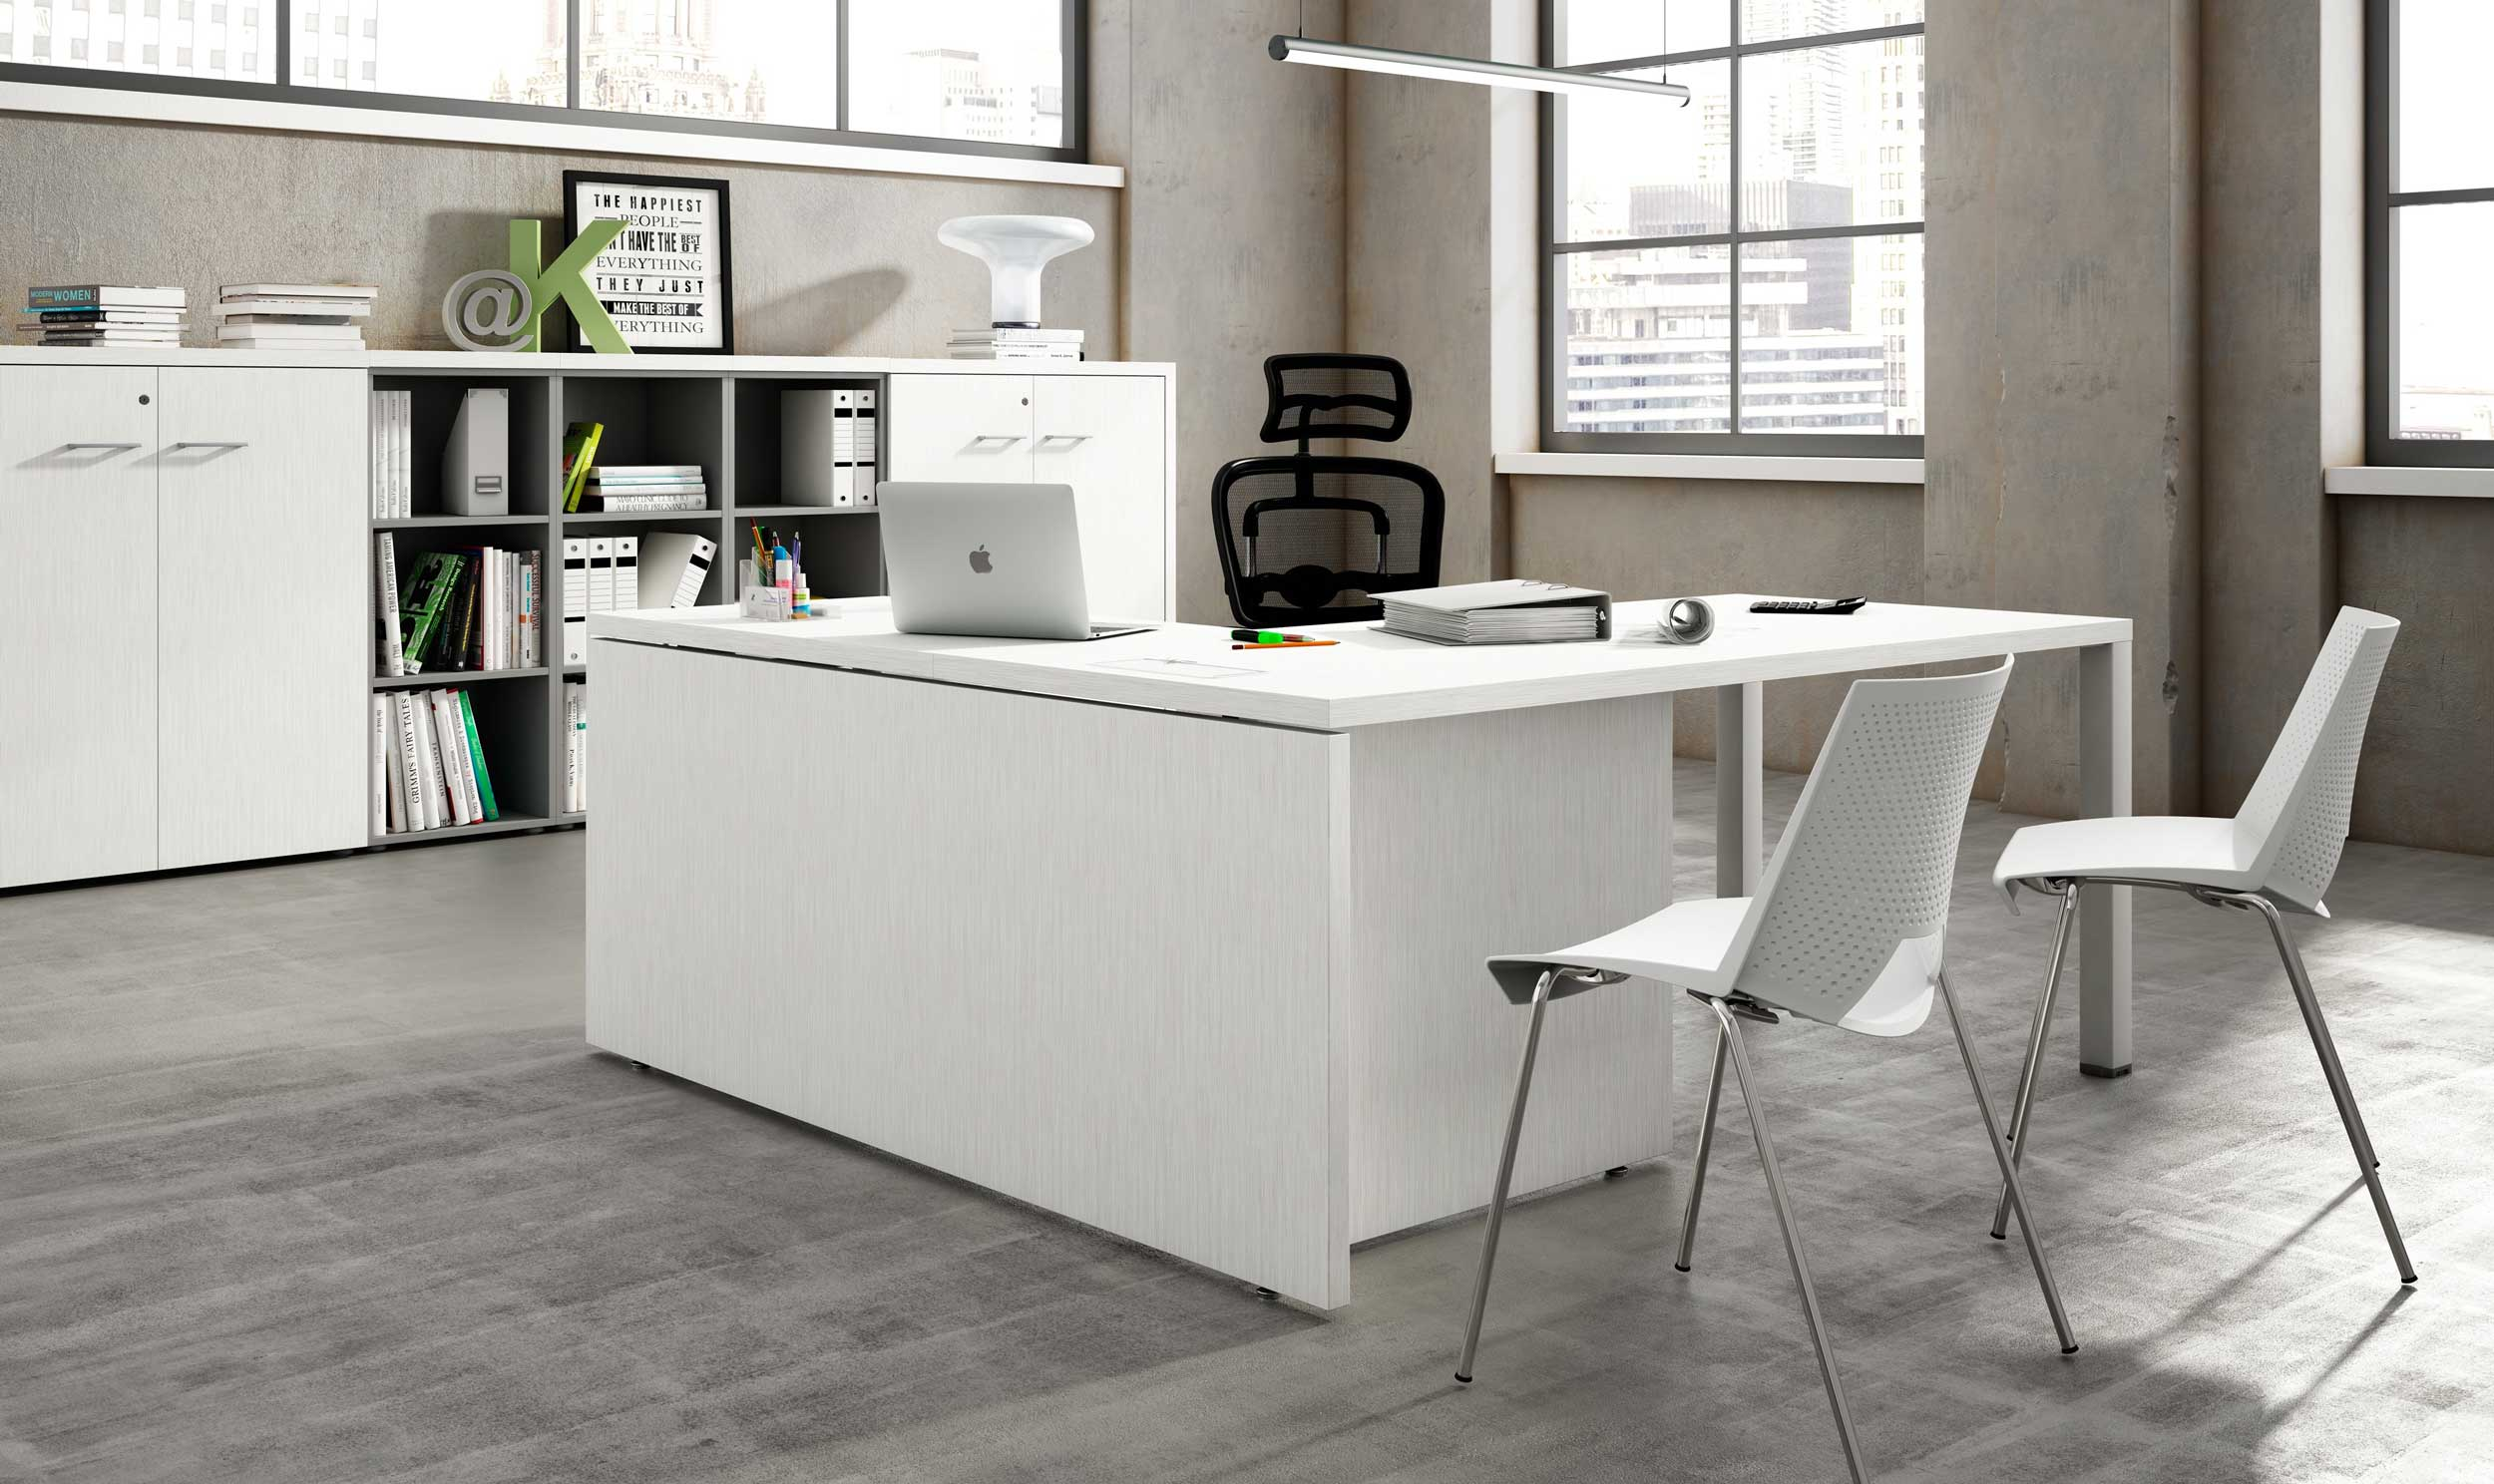 5 claves para conseguir unas oficinas minimalistas for Oficinas modernas en casa